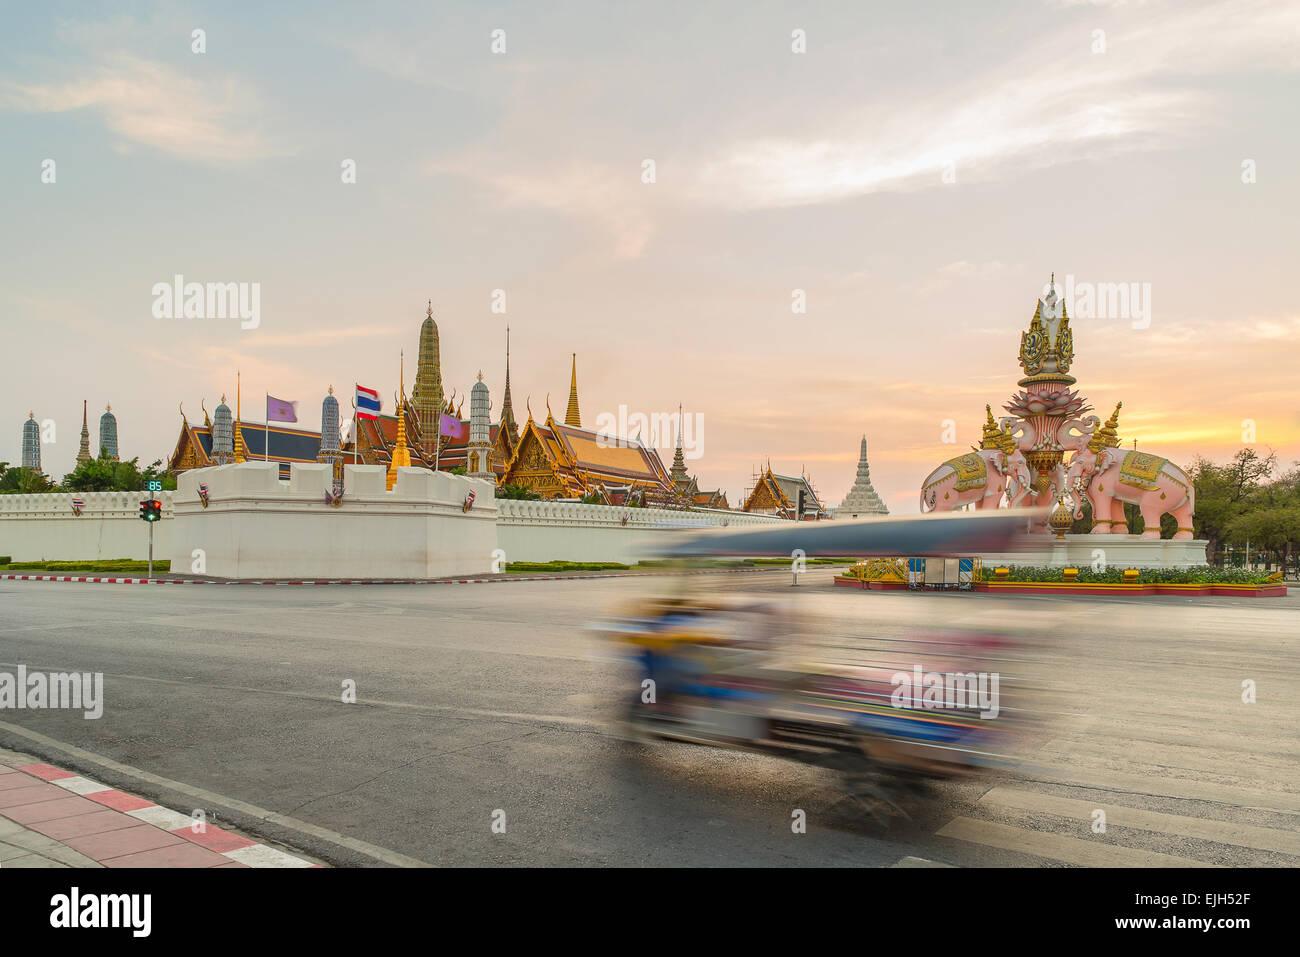 Tuk tuk for passenger cars. To go sightseeing in Bangkok. - Stock Image